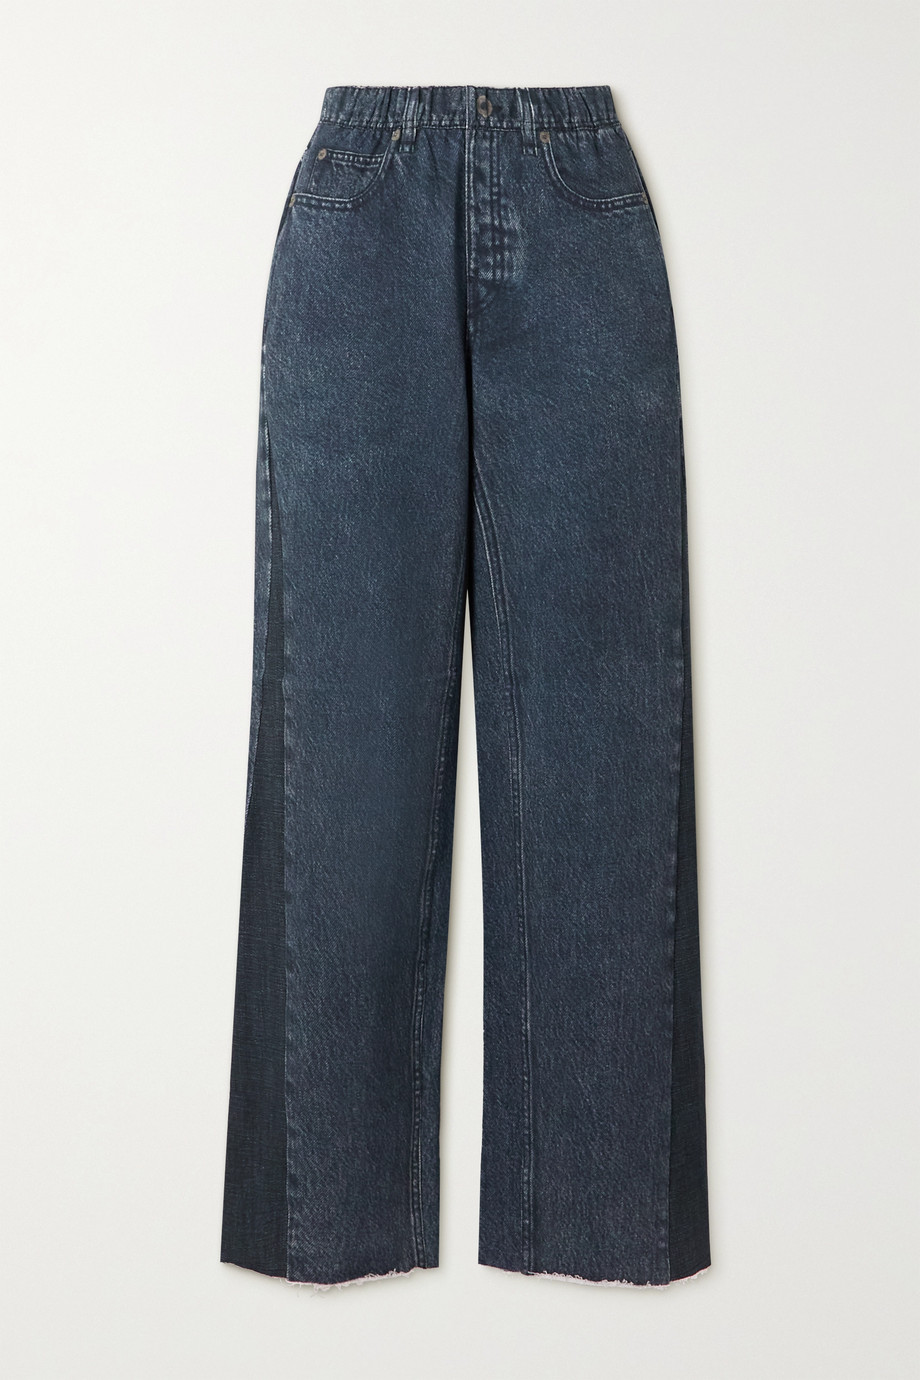 rag & bone Pantalon de survêtement large en jersey de coton imprimé Miramar